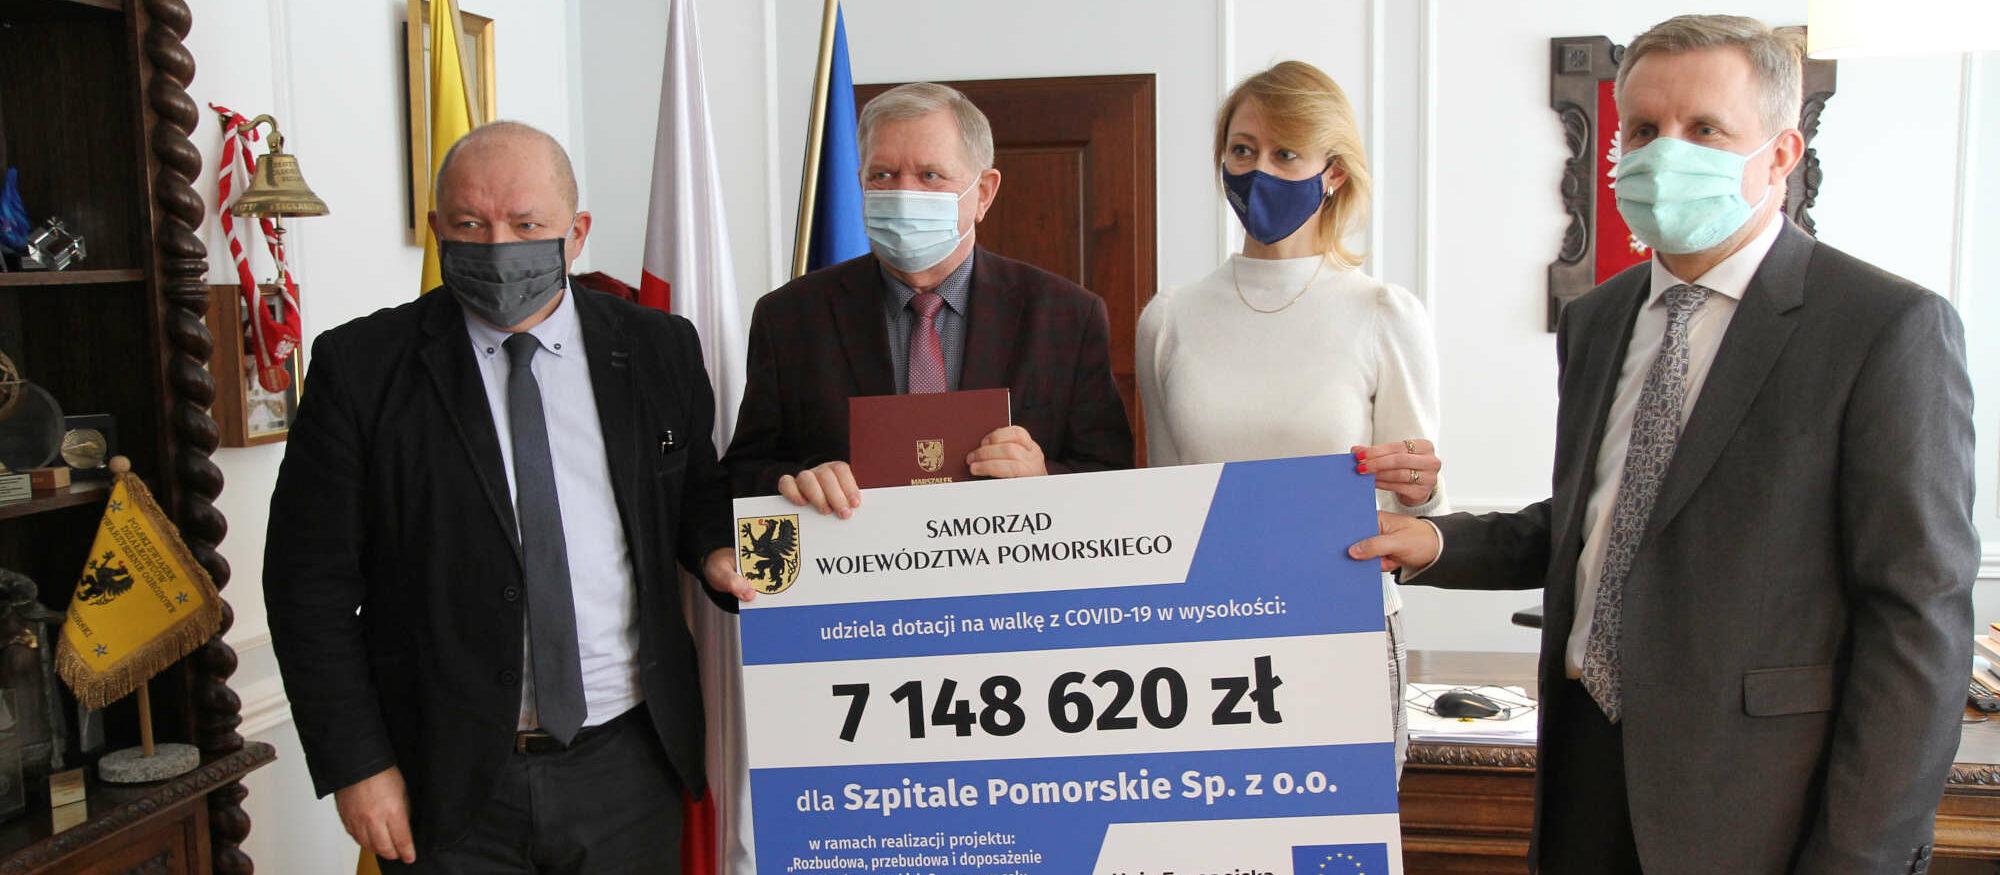 Dodatkowe unijne środki dla szpitali w Gdyni na walkę z COVID-19. Dostaną ponad 7 mln zł